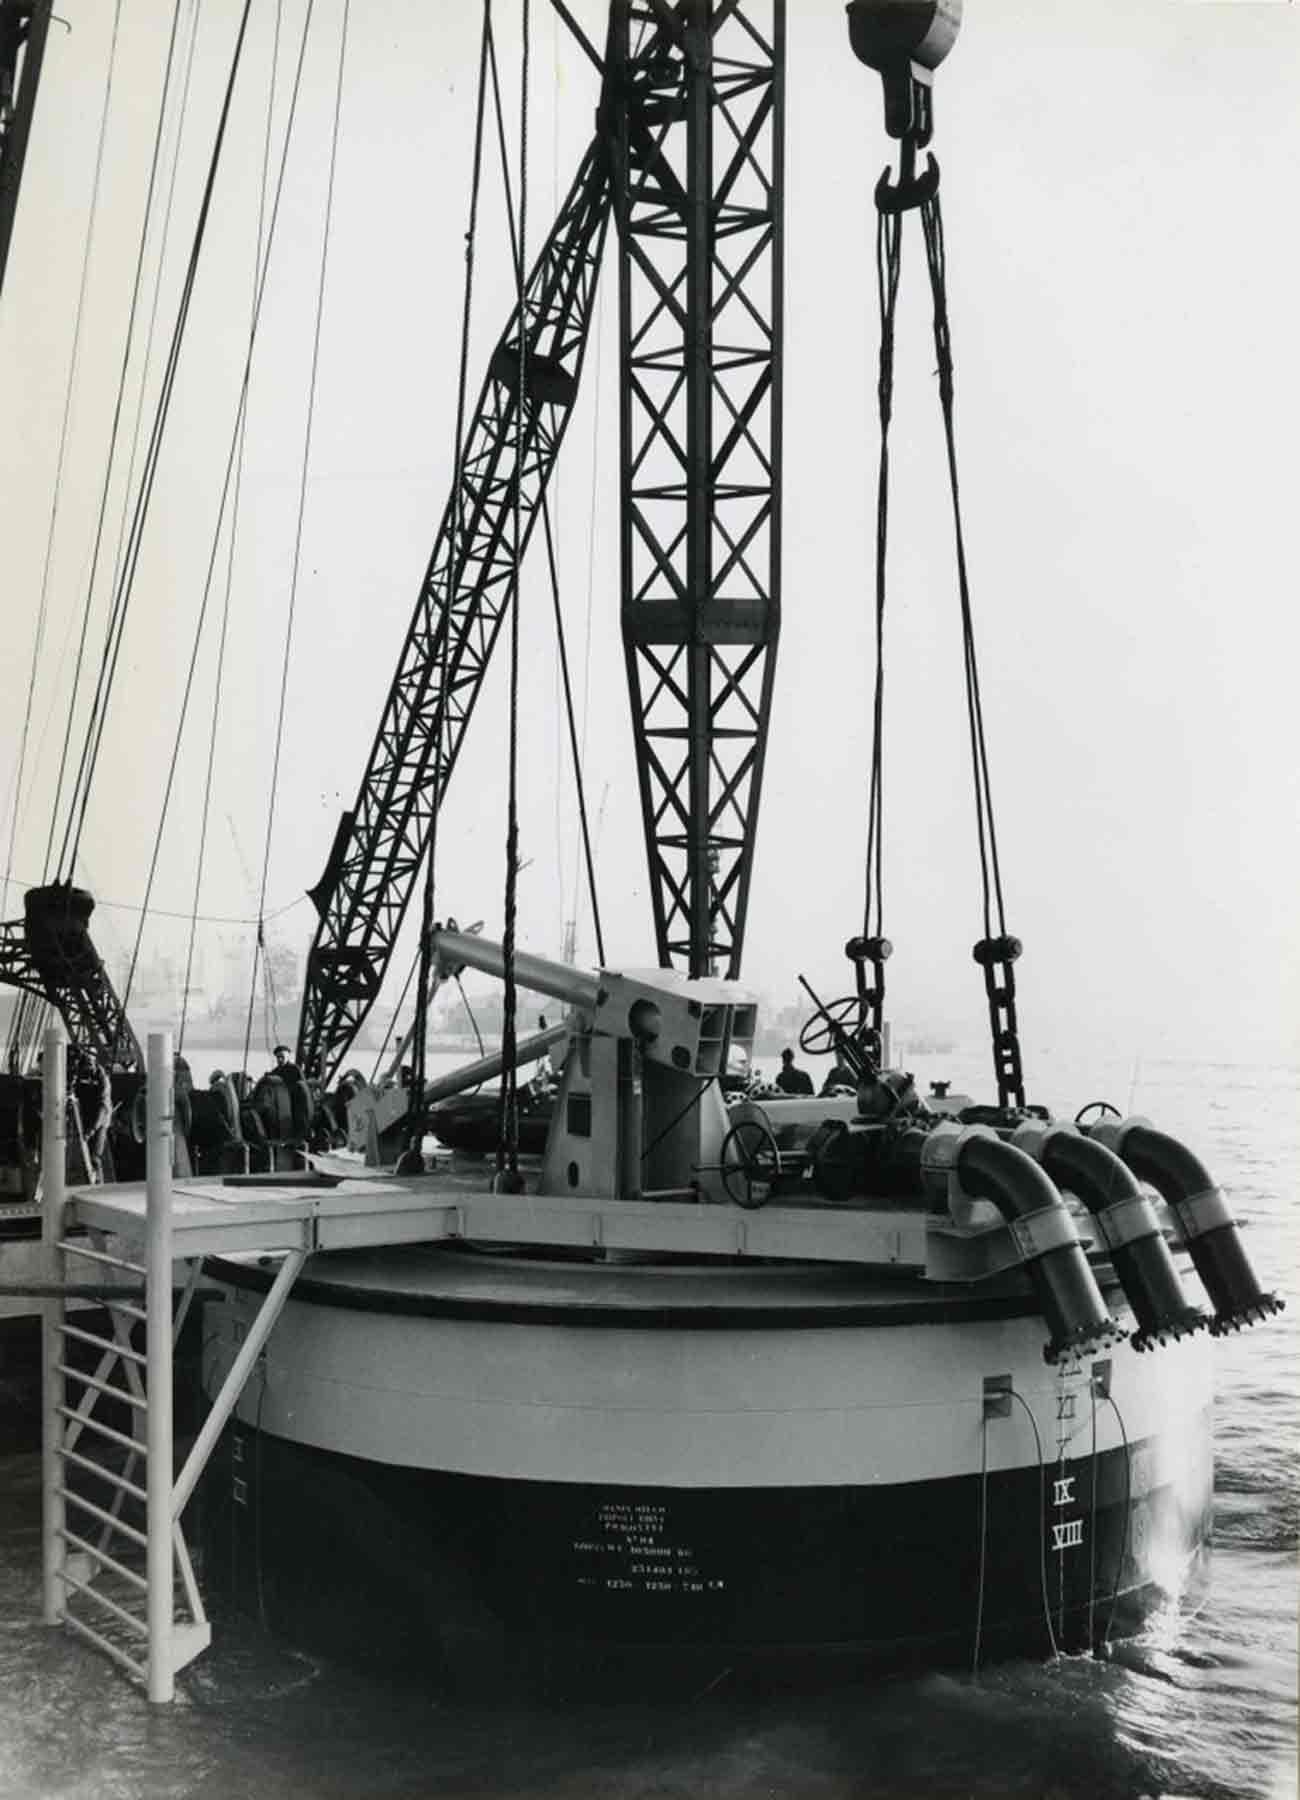 Bnr. 310: S.B.M. (1965)